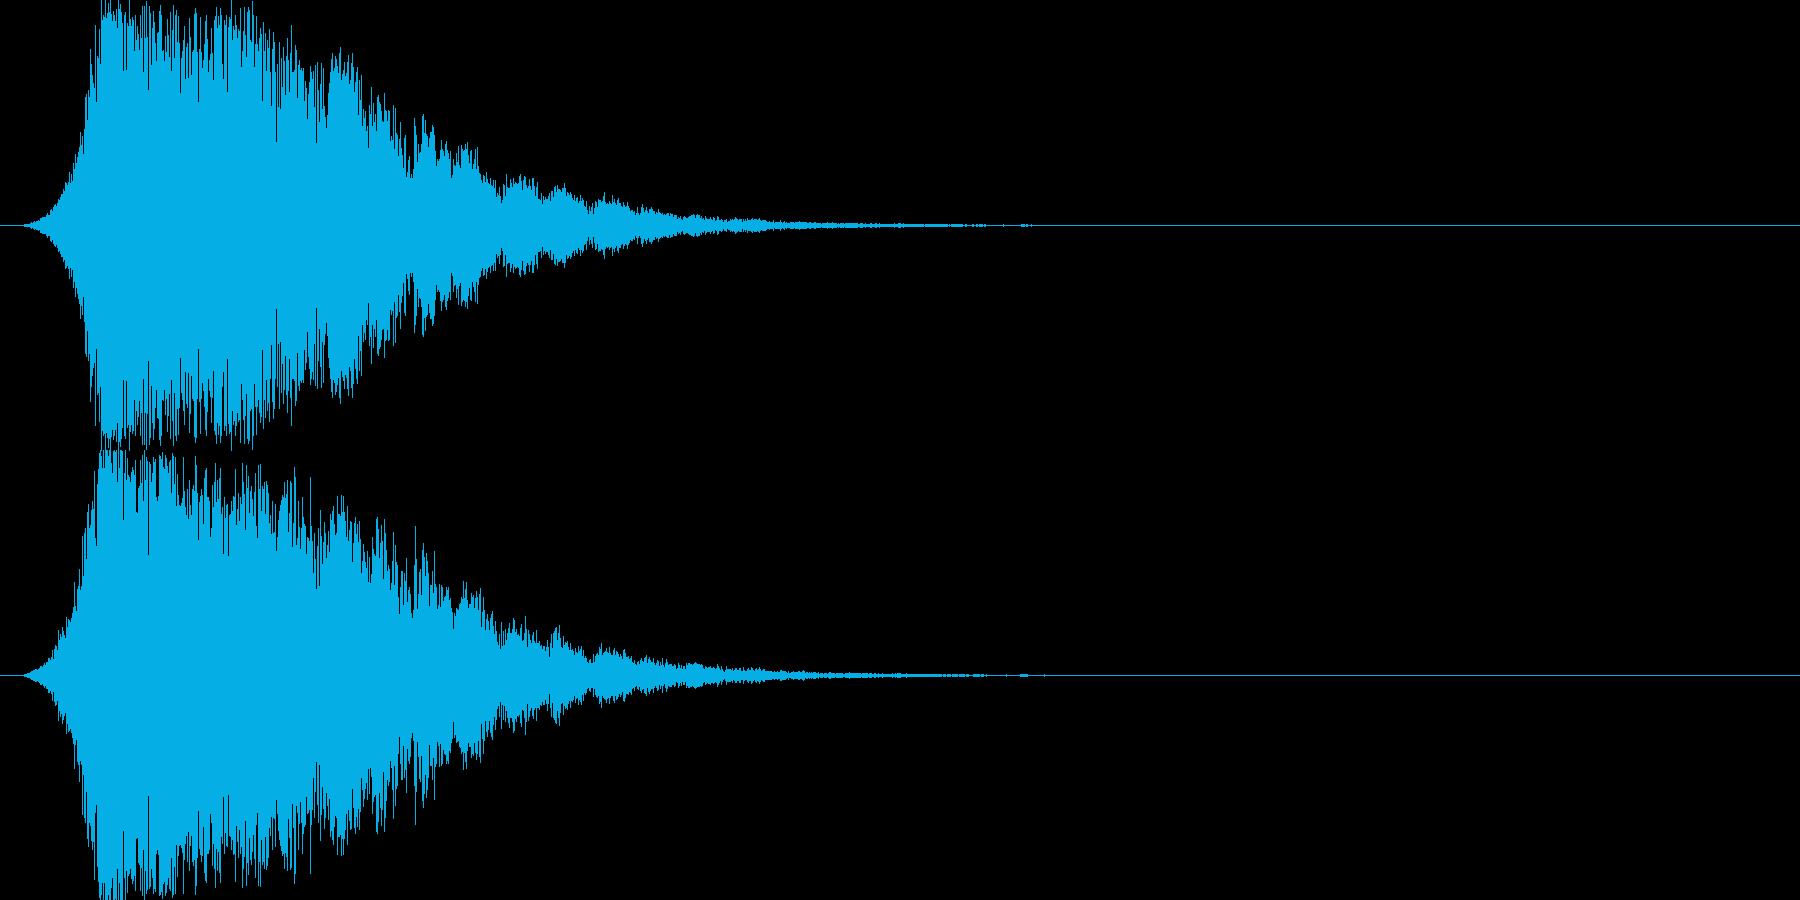 シャキーン 派手なインパクト音1の再生済みの波形